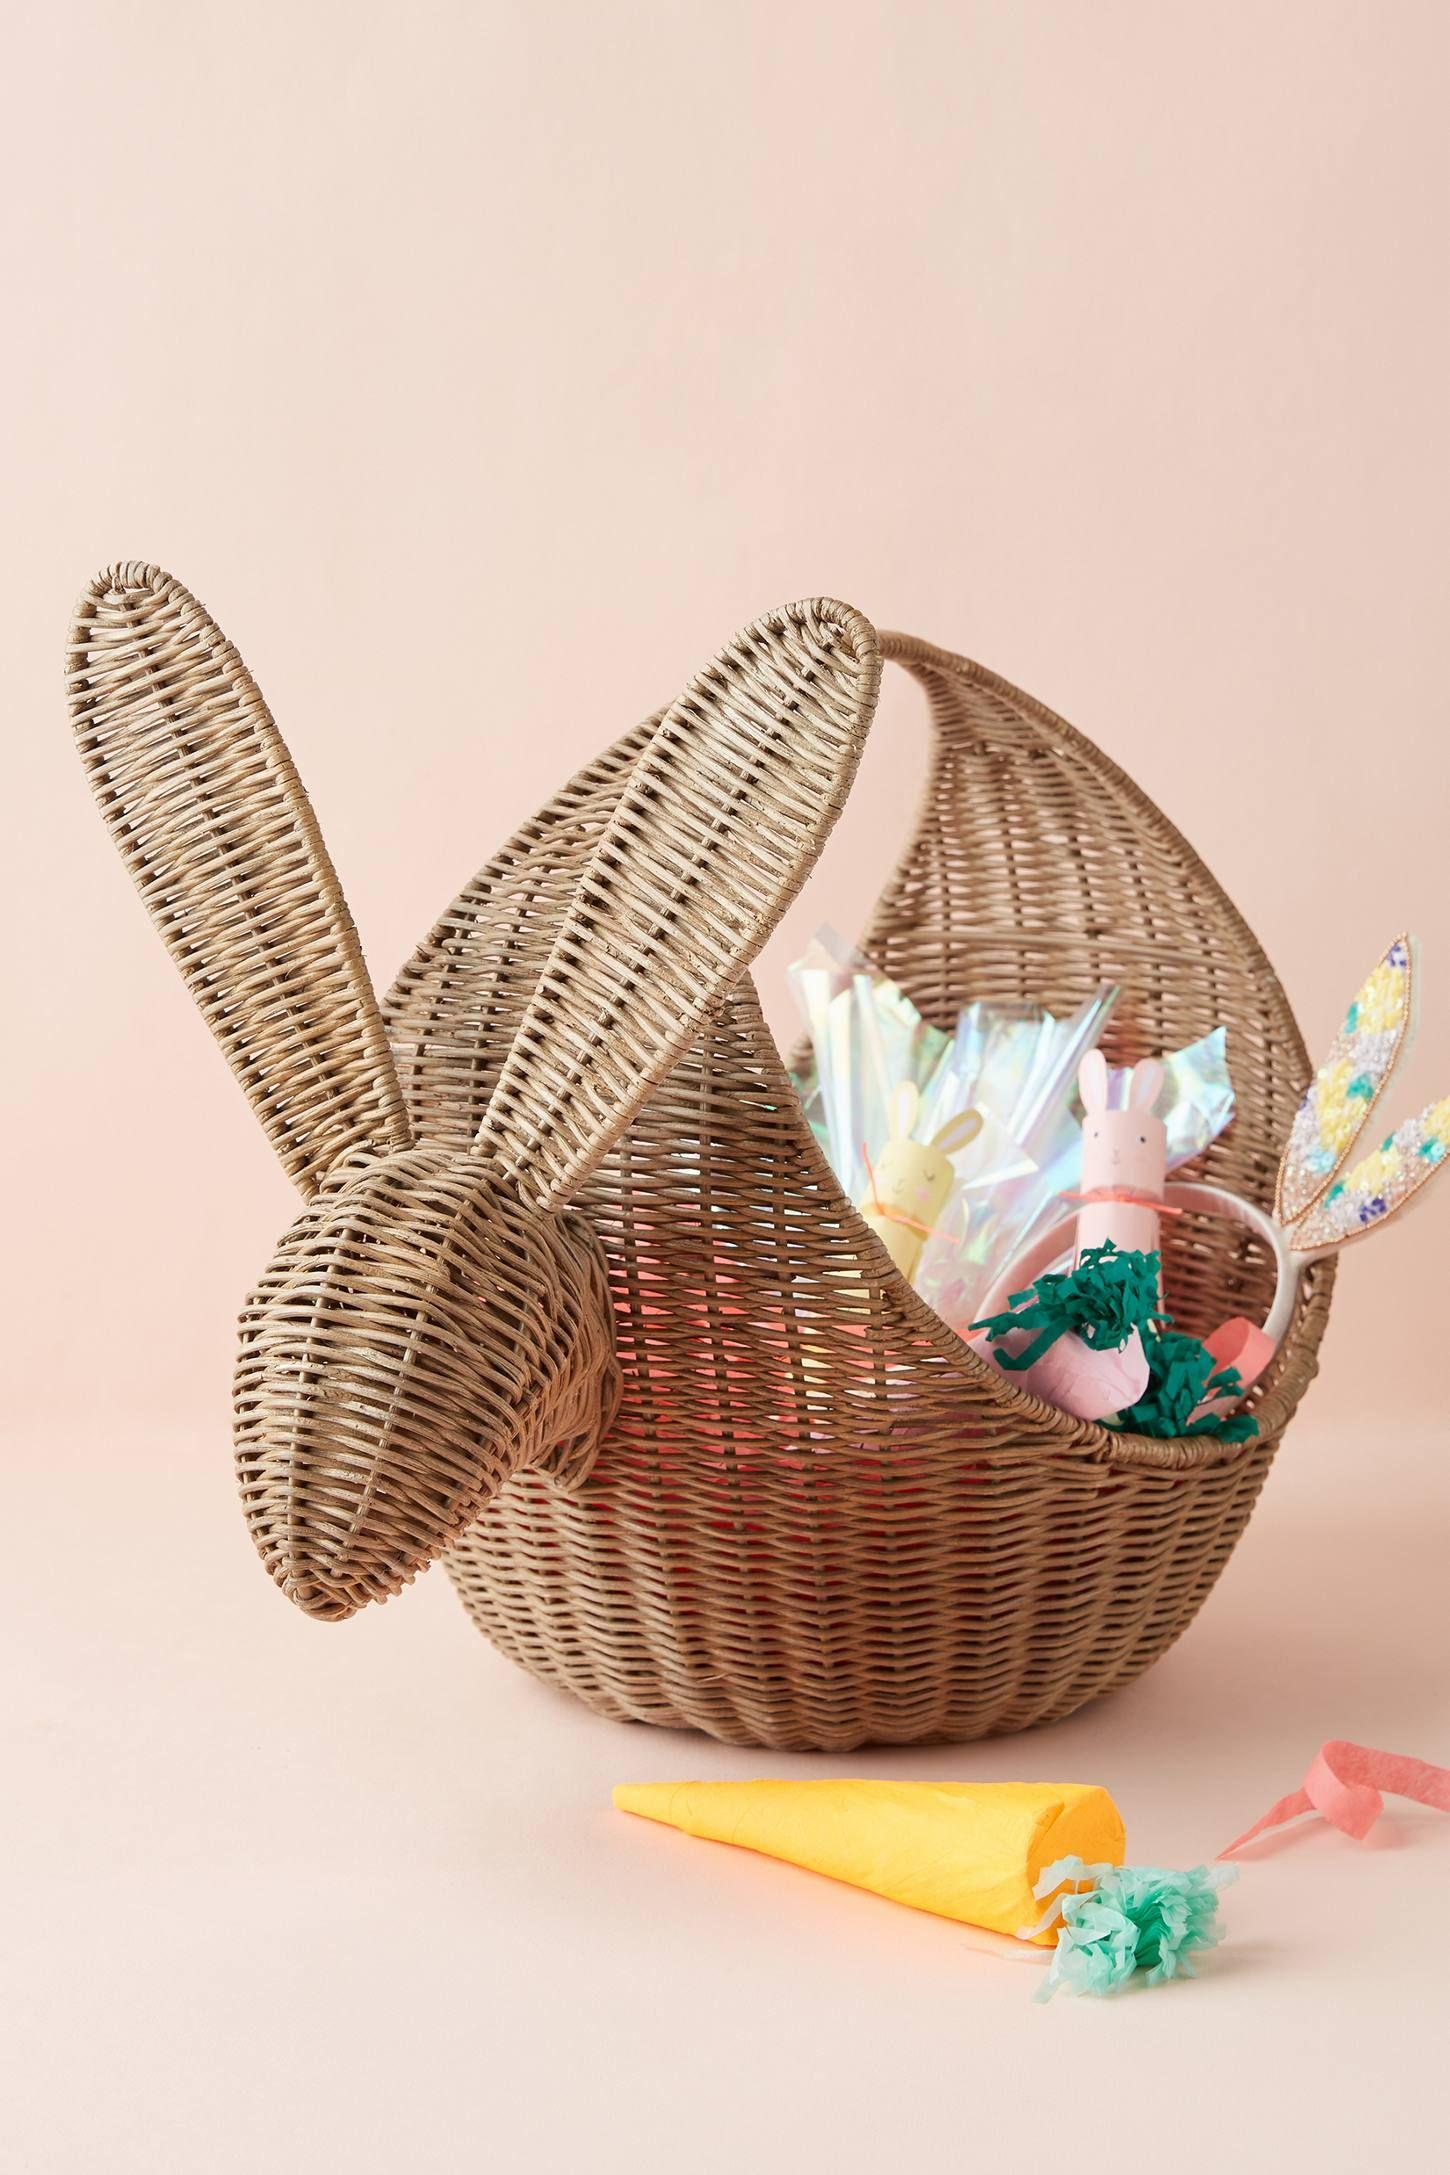 Rabbit Wicker Basket Wicker Basket Decor Wicker Easter Basket